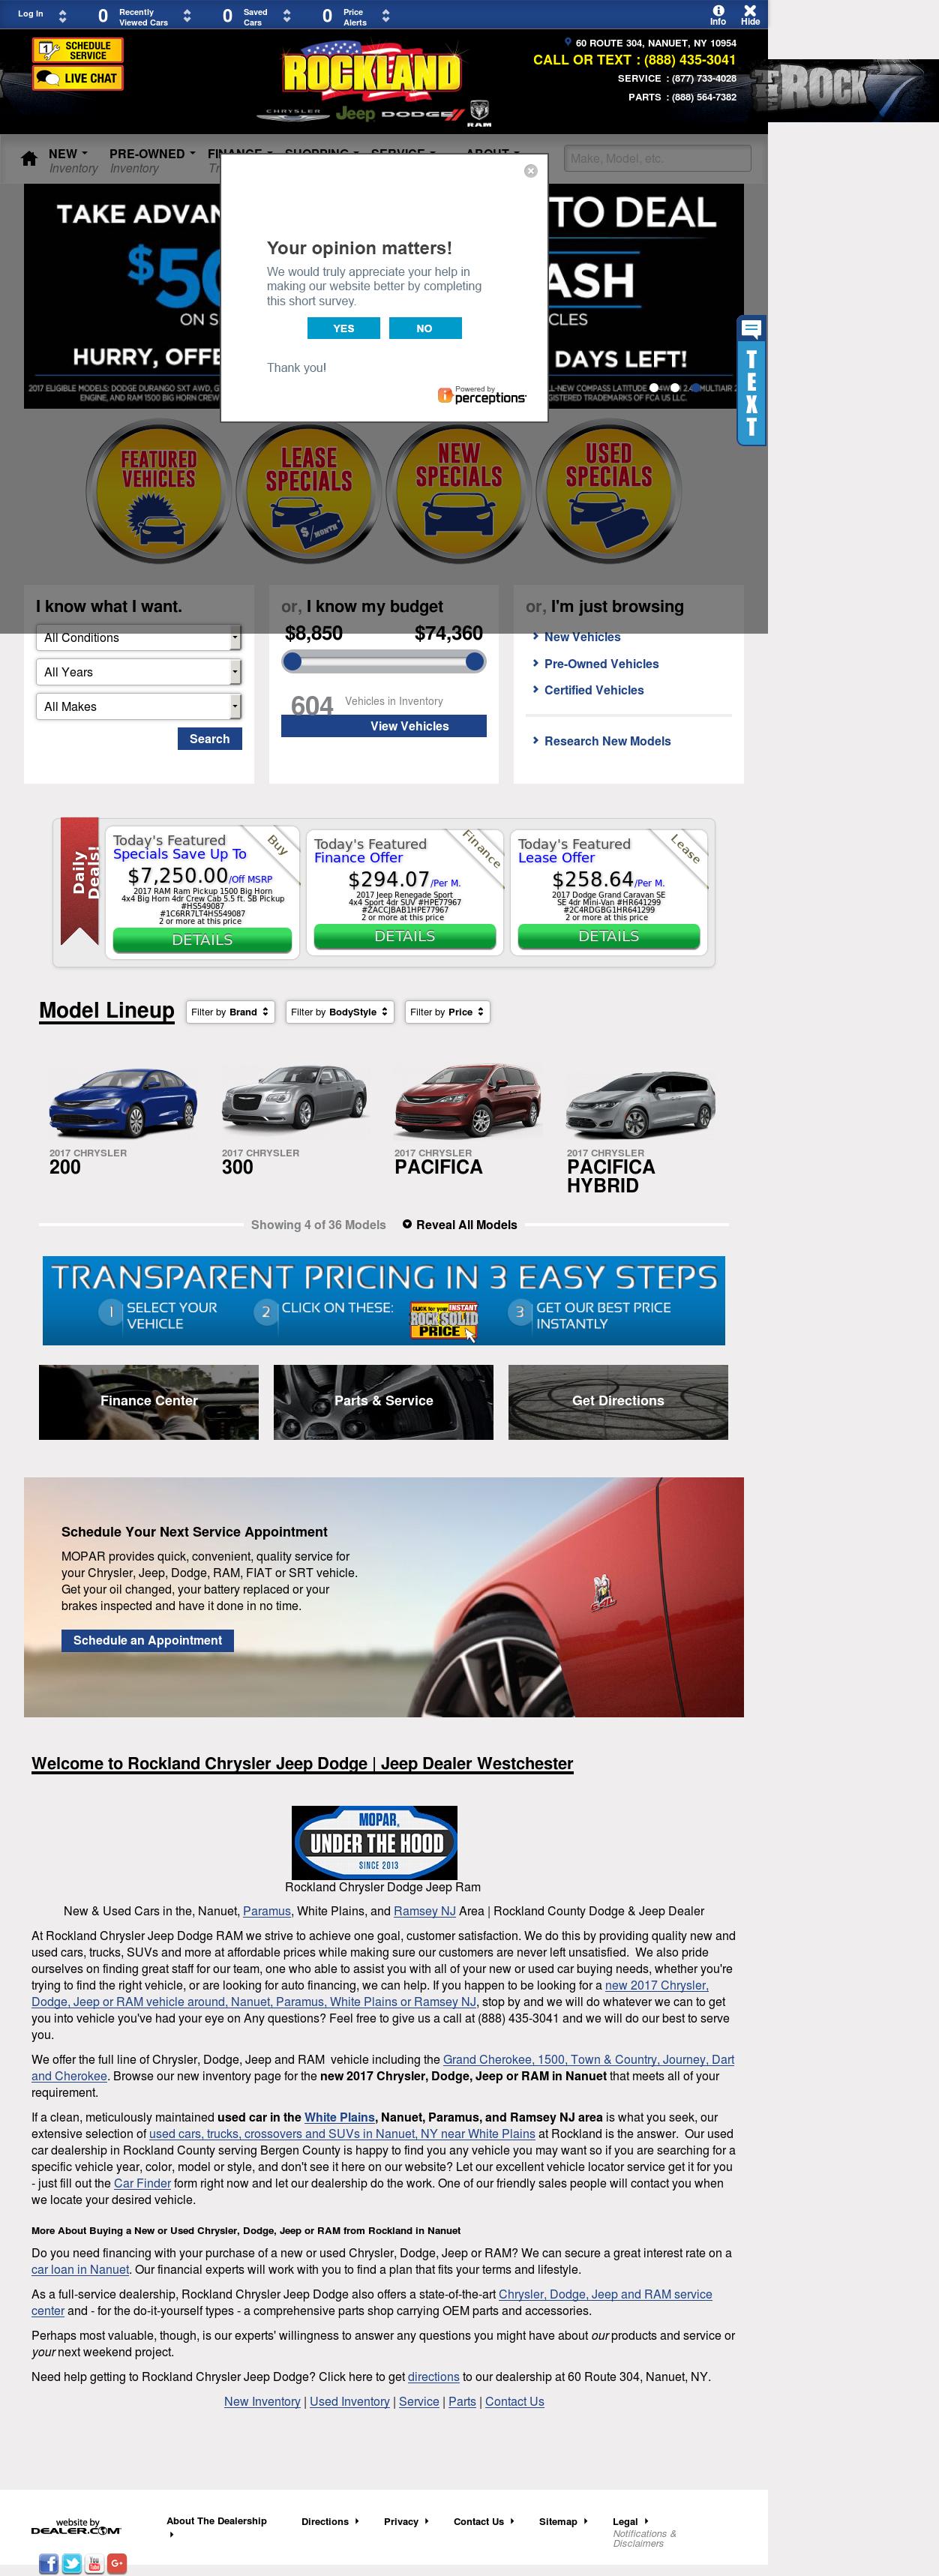 Rockland Chrysler Jeep Dodge Website History